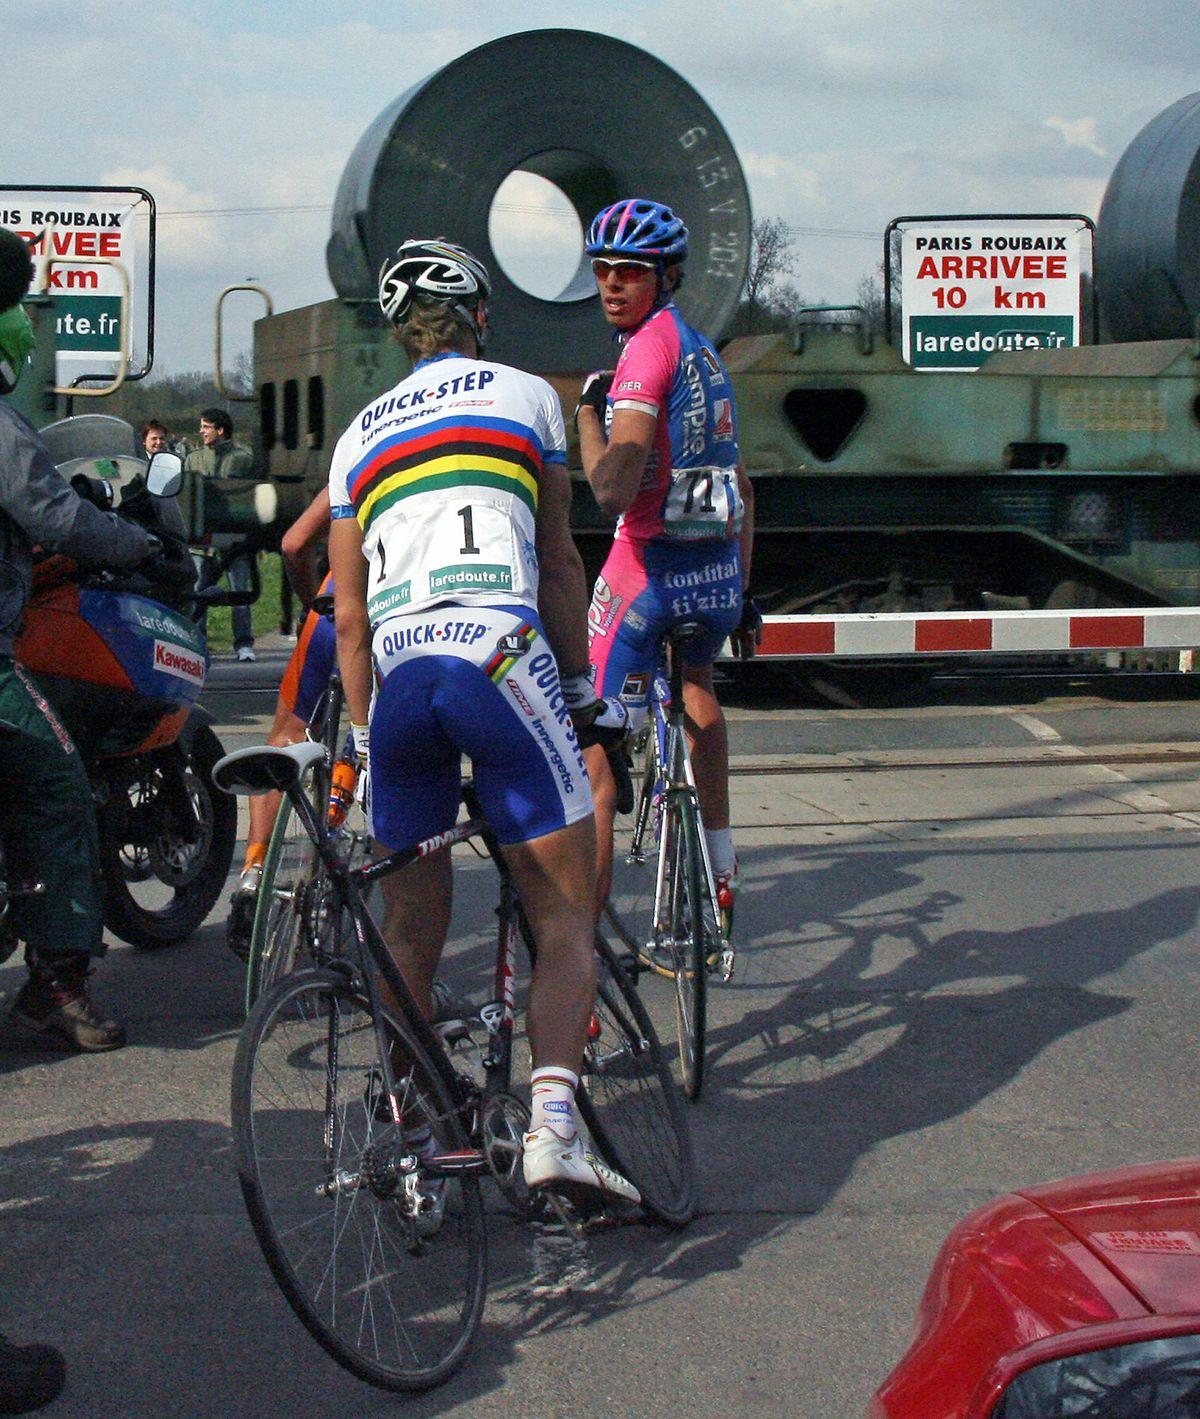 Paris-Roubaix Train stop 2006